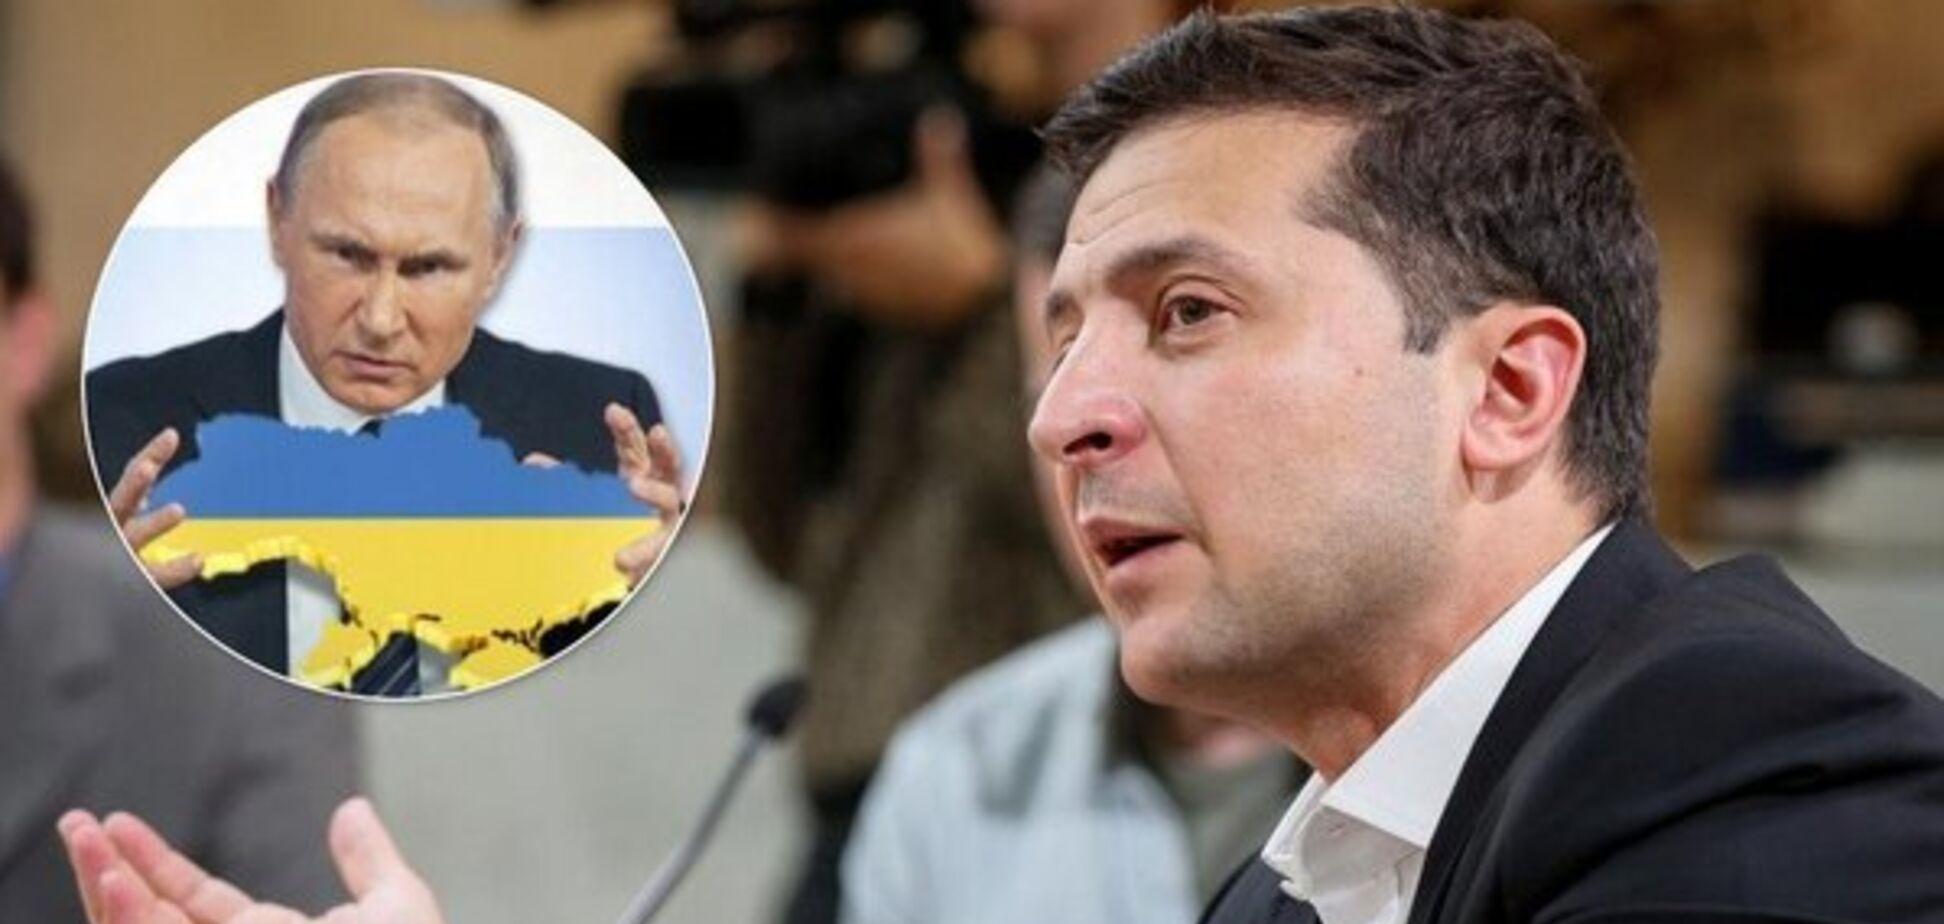 'Потрапив до власної пастки': Зеленського попередили про 'диявола в деталях'